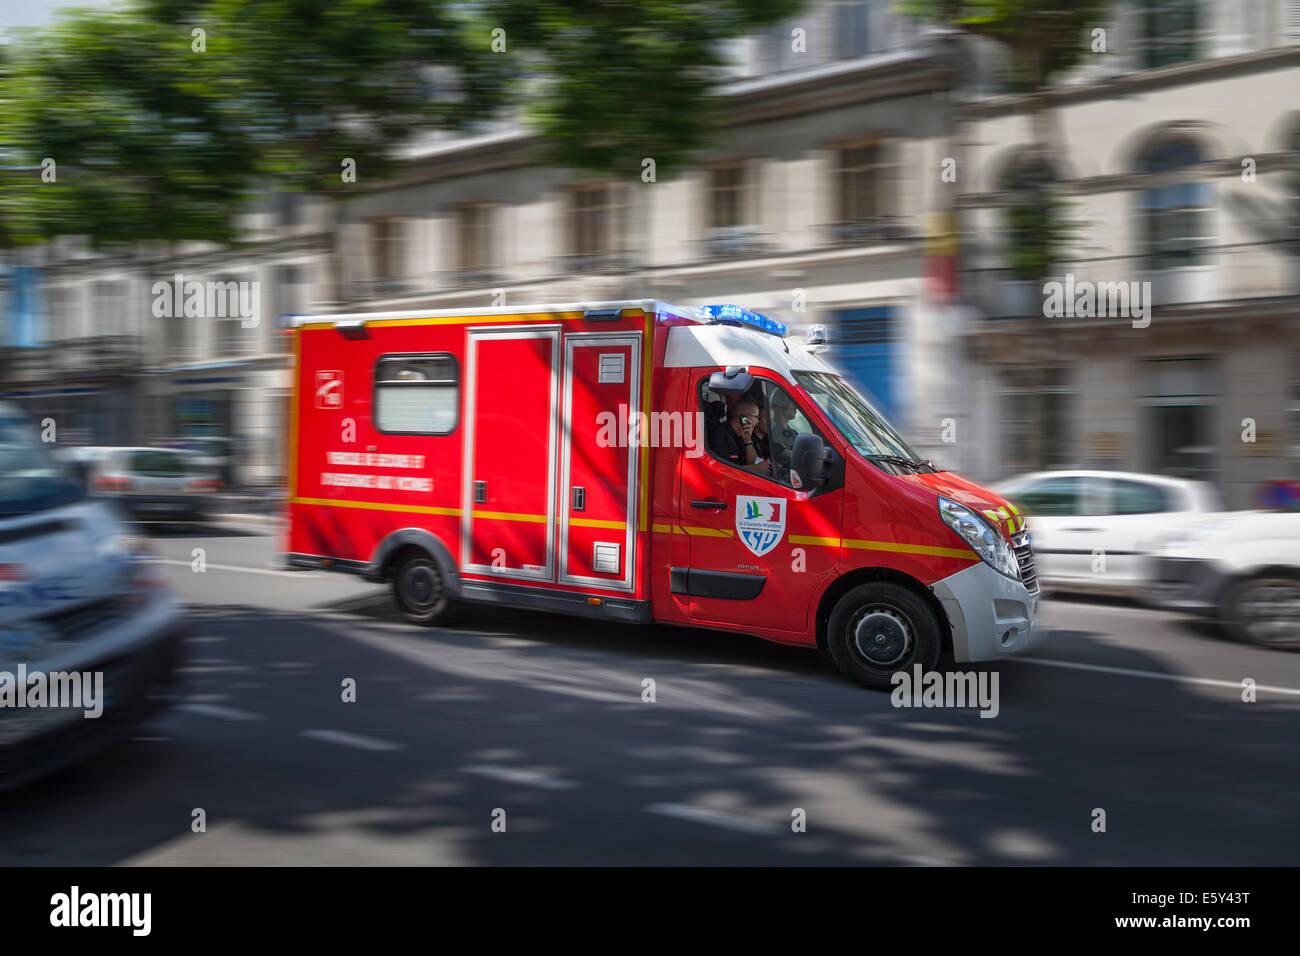 Sfocato francese veicolo di emergenza correre attraverso una strada di città con luci blu lampeggiante. Immagini Stock